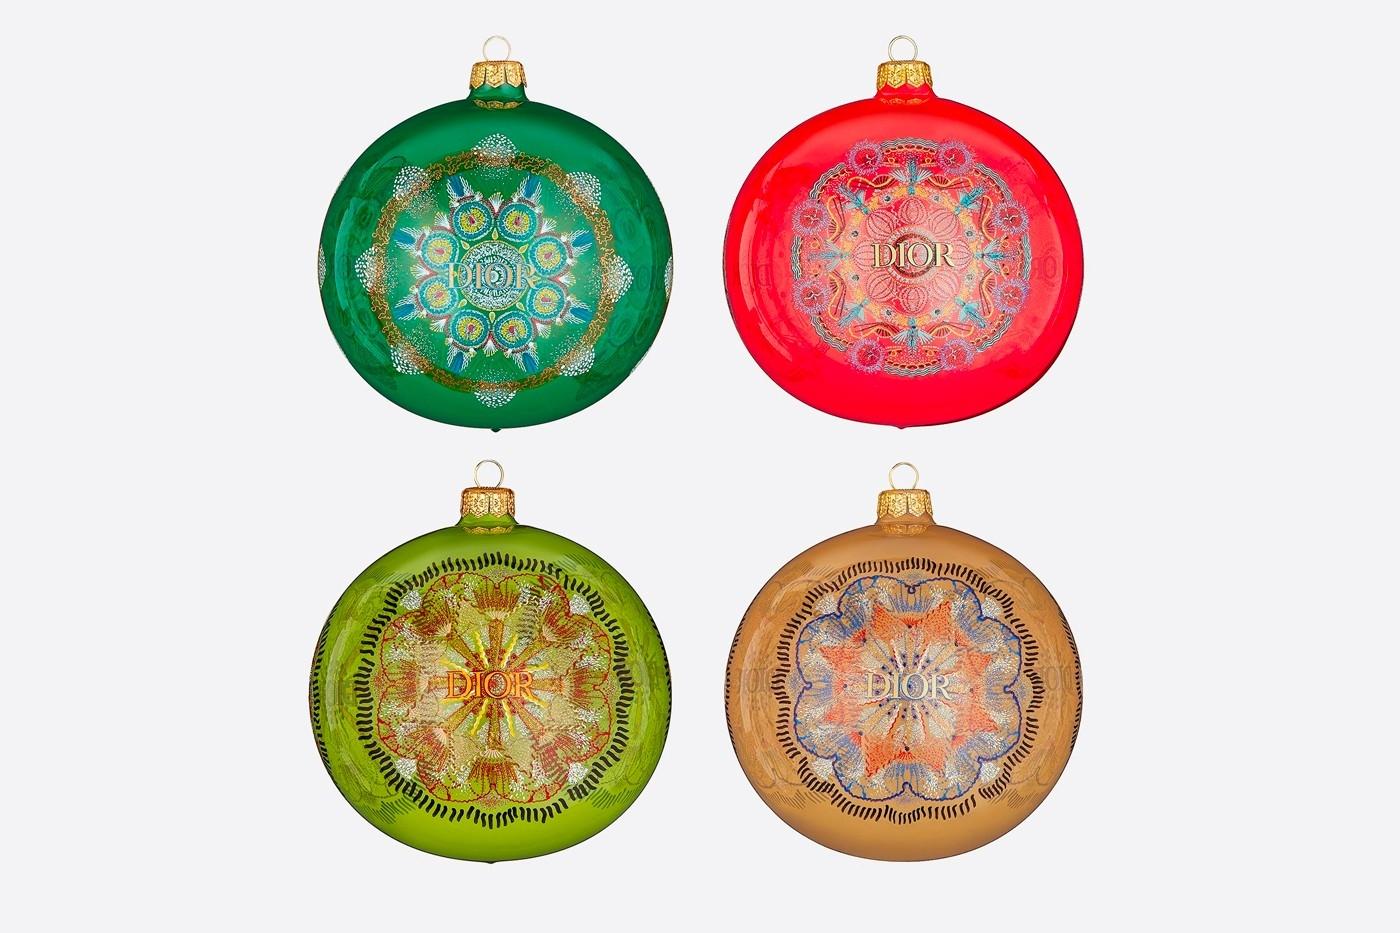 Объект желания: Dior выпустили набор елочных игрушек с изящными орнаментом (ФОТО) - фото №2